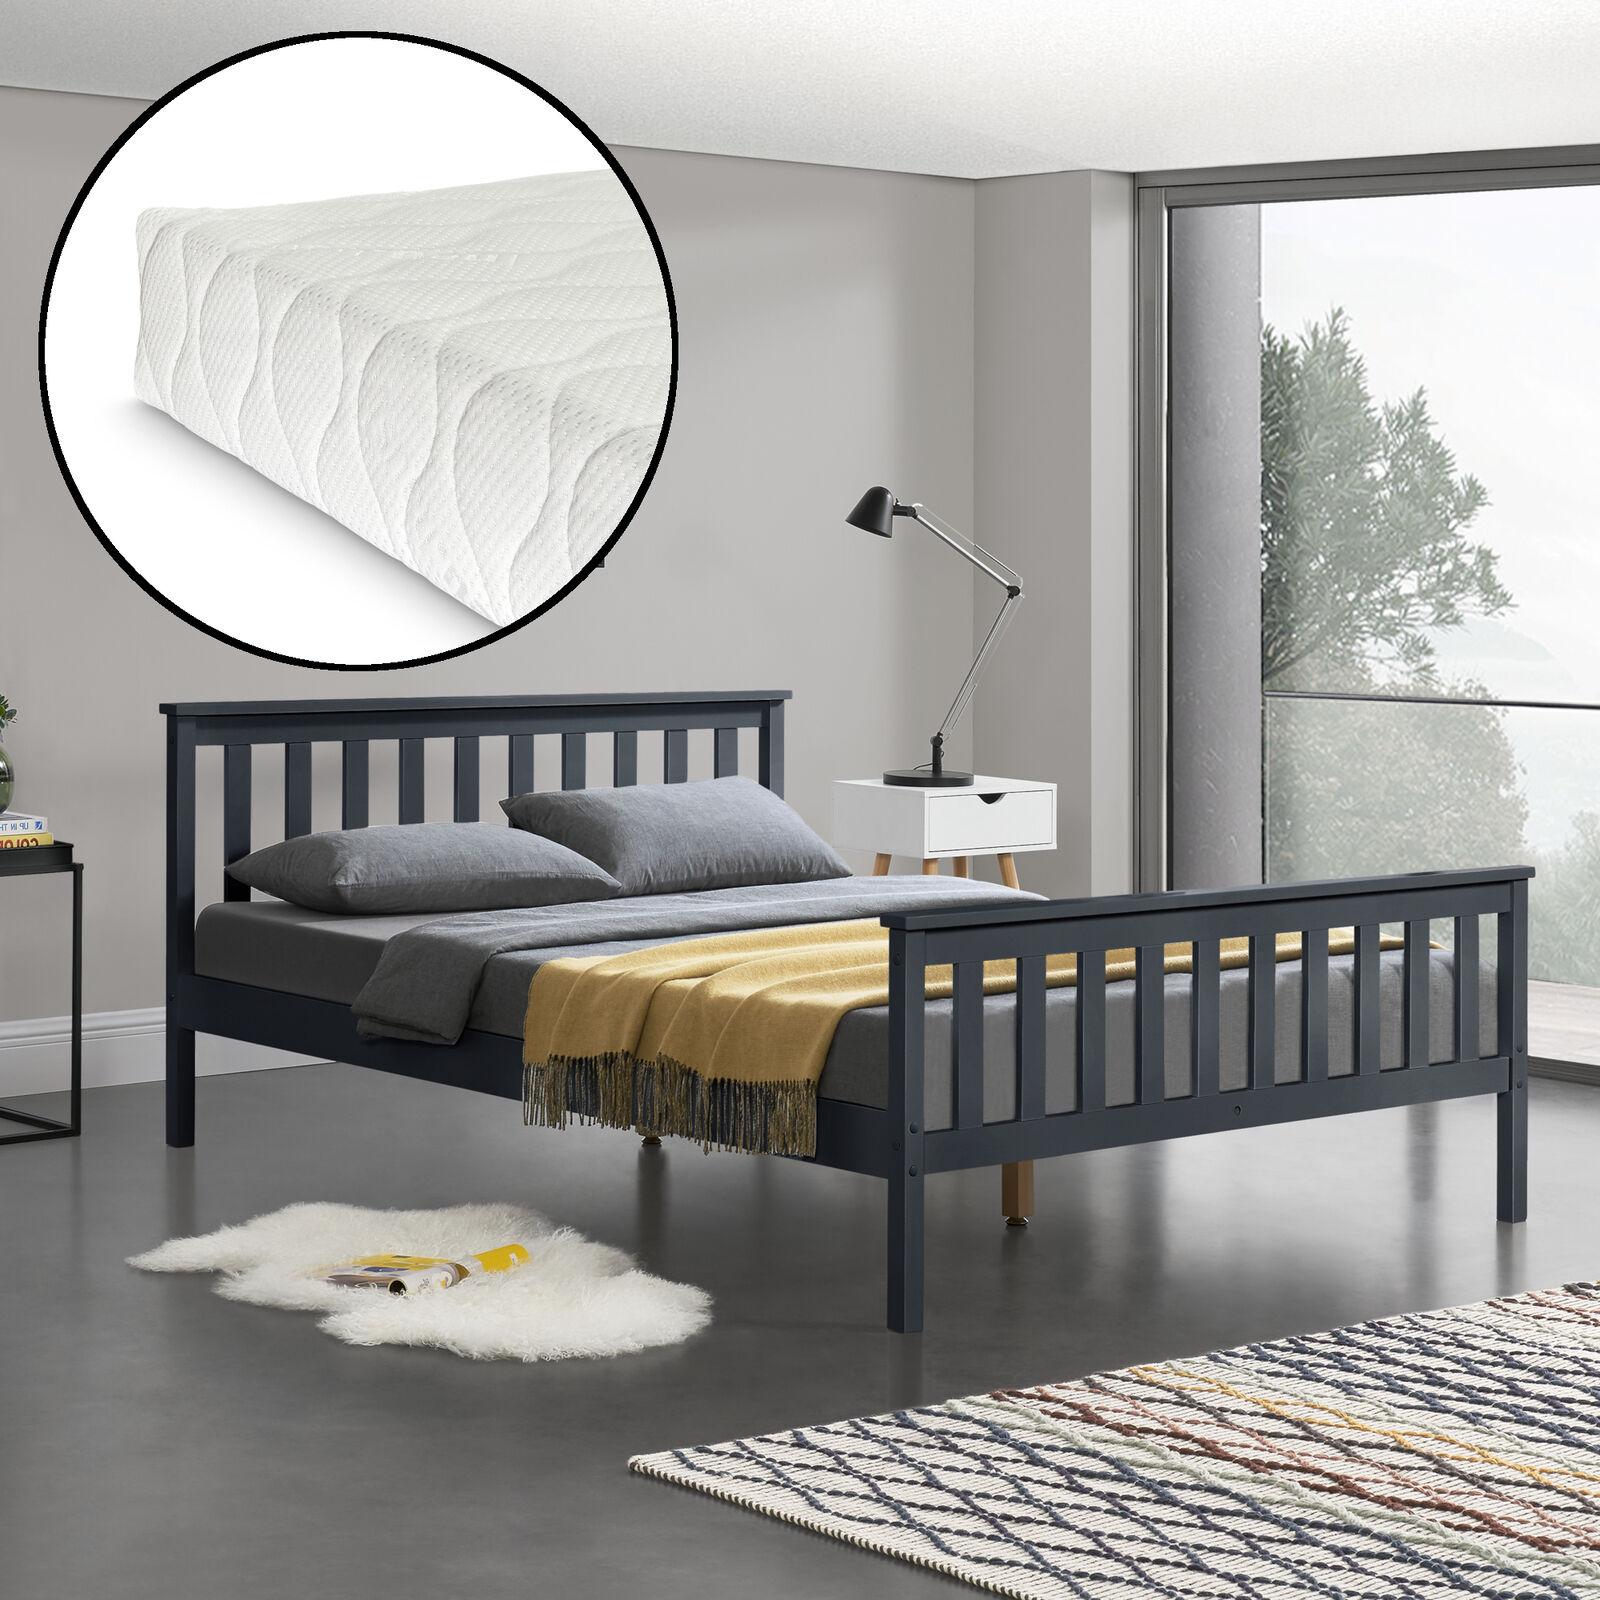 [en.casa] Holzbett 140x200cm mit Matratze Bett Doppelbett Kiefer Jugendbett Grau